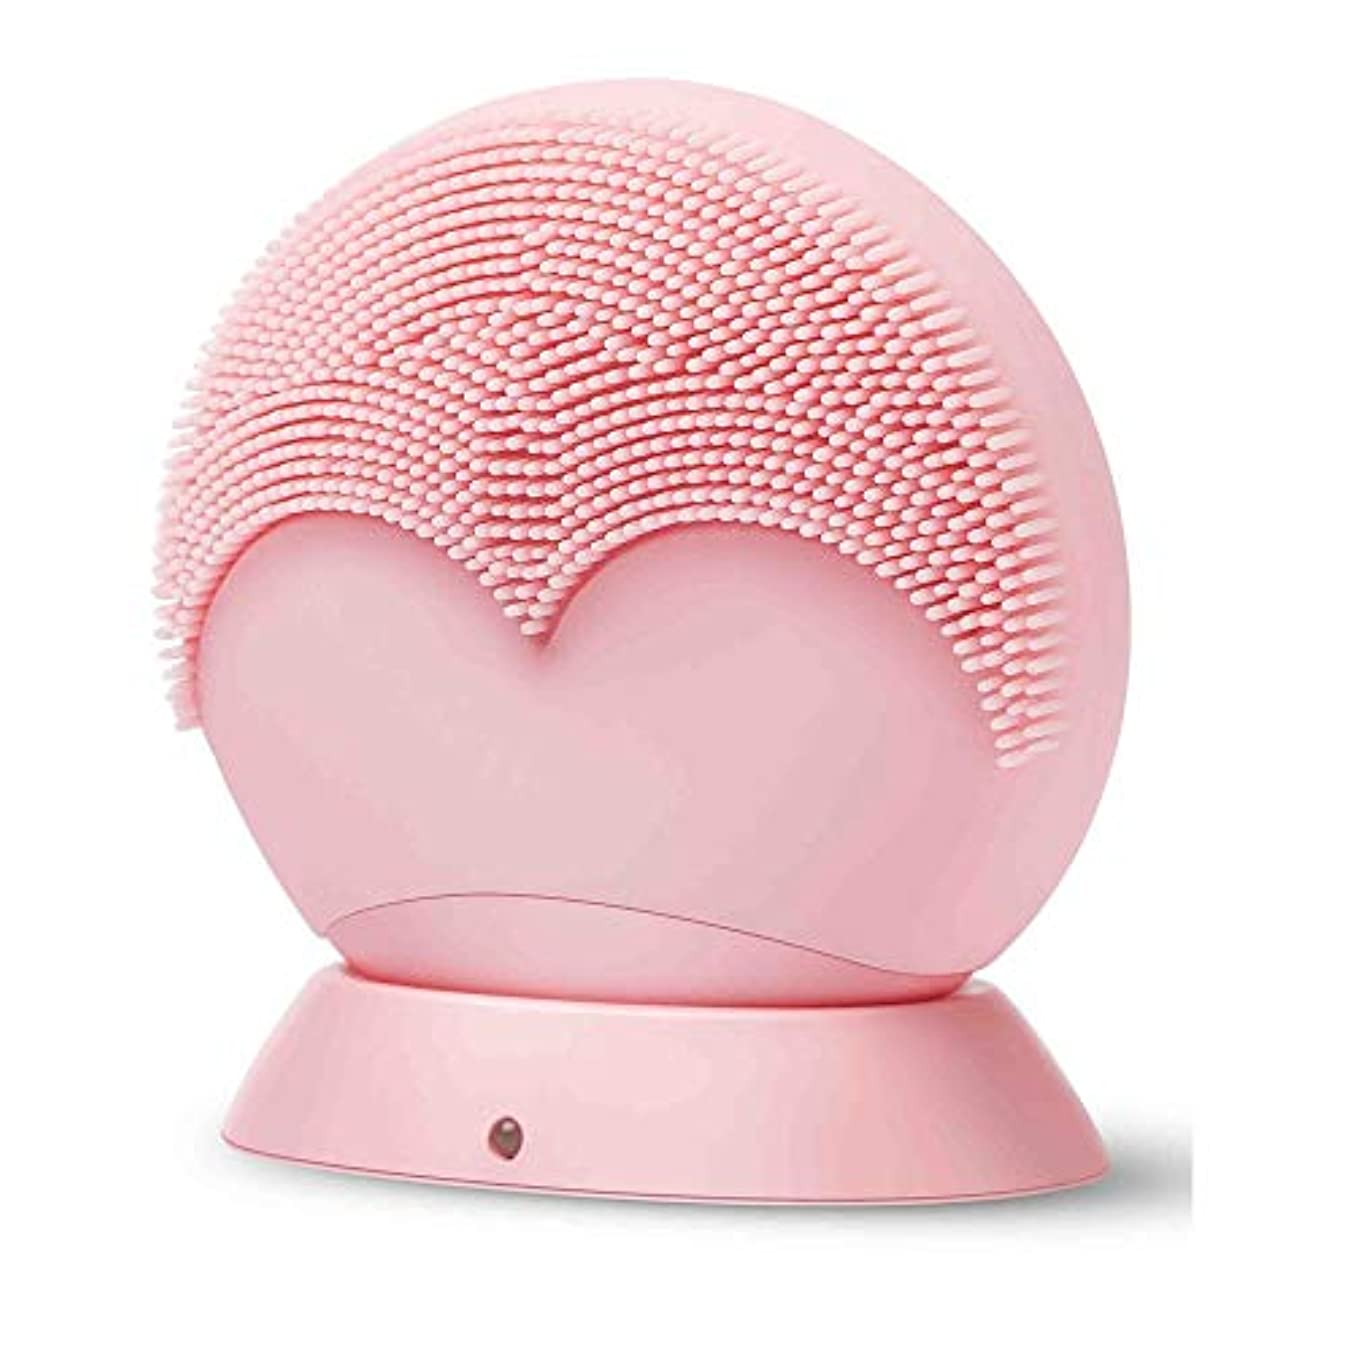 参加する暴徒会話ZXF ワイヤレス充電超音波振動クレンジングブラシディープクリーンミュートシリコンクレンジング楽器防水 滑らかである (色 : Pink)